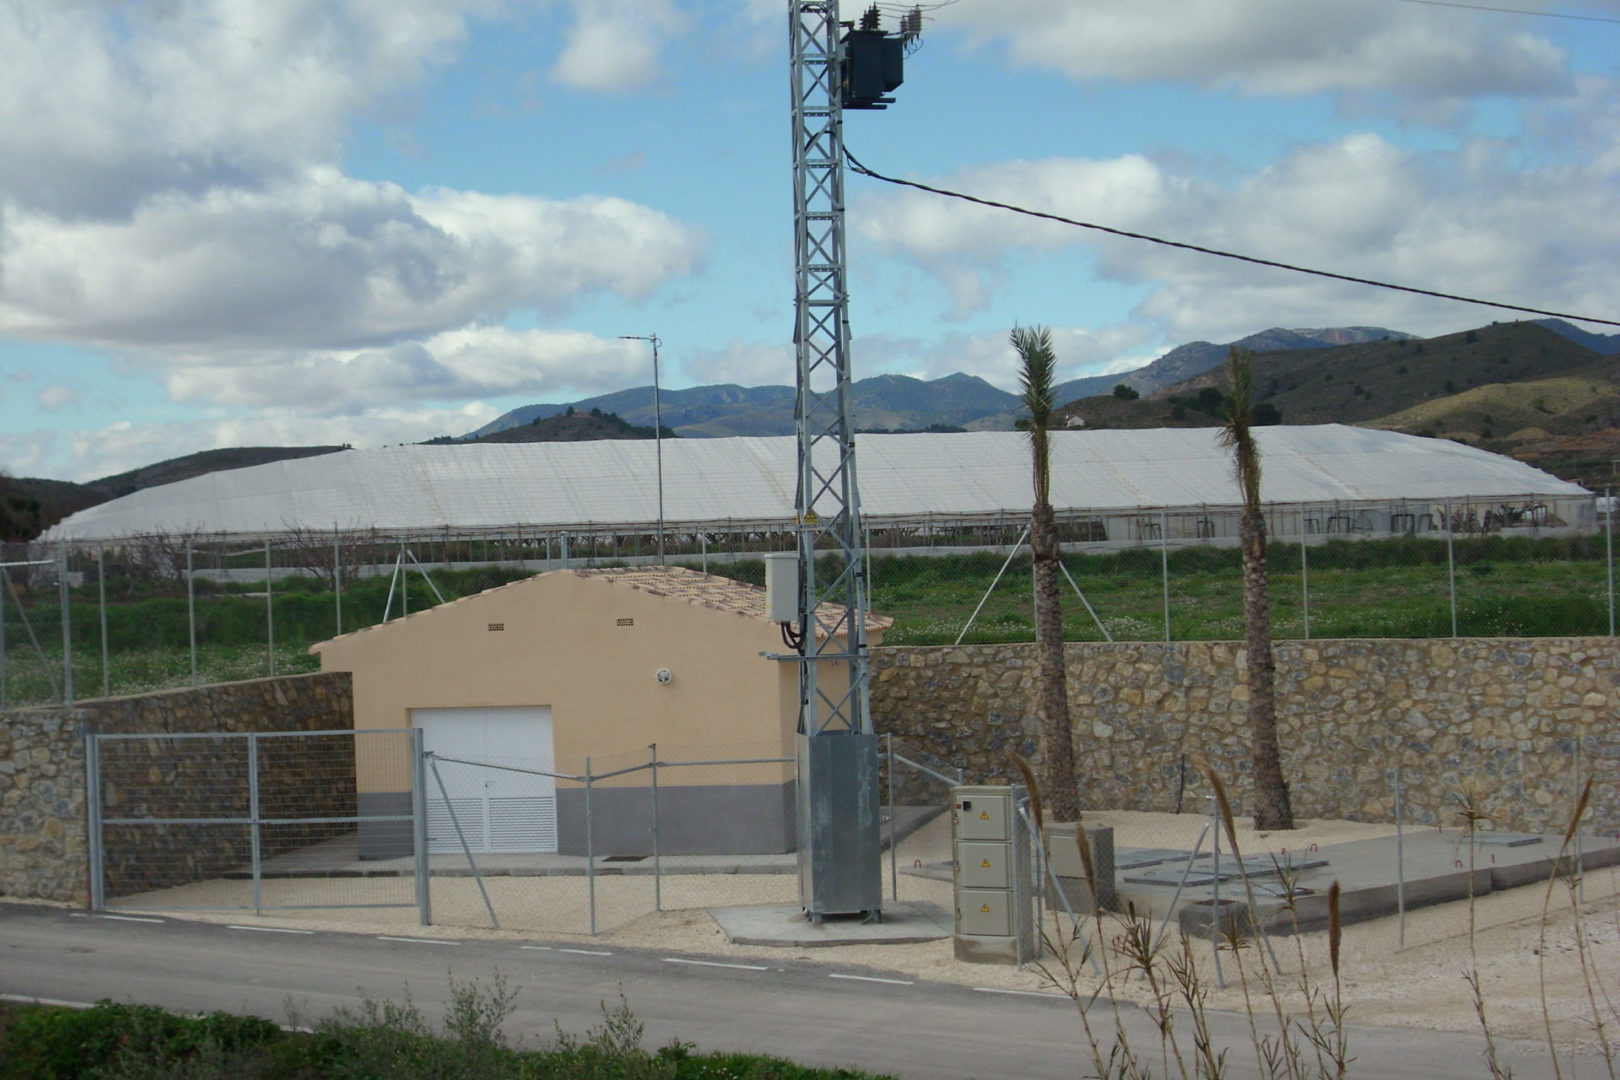 Bombeo 1 - Cañada de Canara